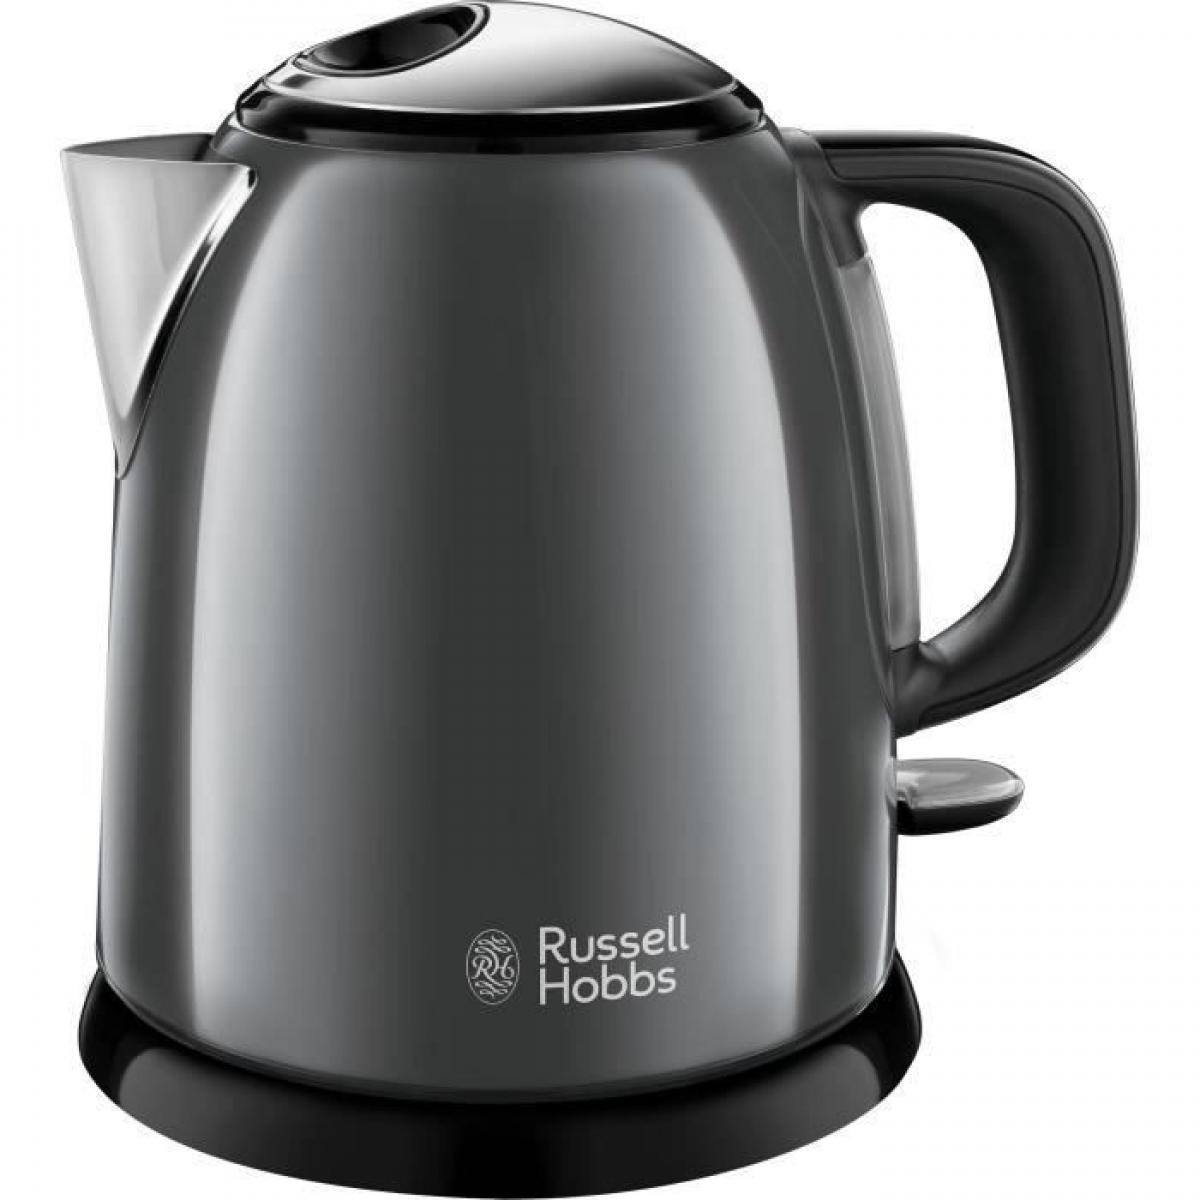 Russell Hobbs RUSSEL HOBBS 24993-70 - Bouilloire compacte Colours plus Grise 1 L